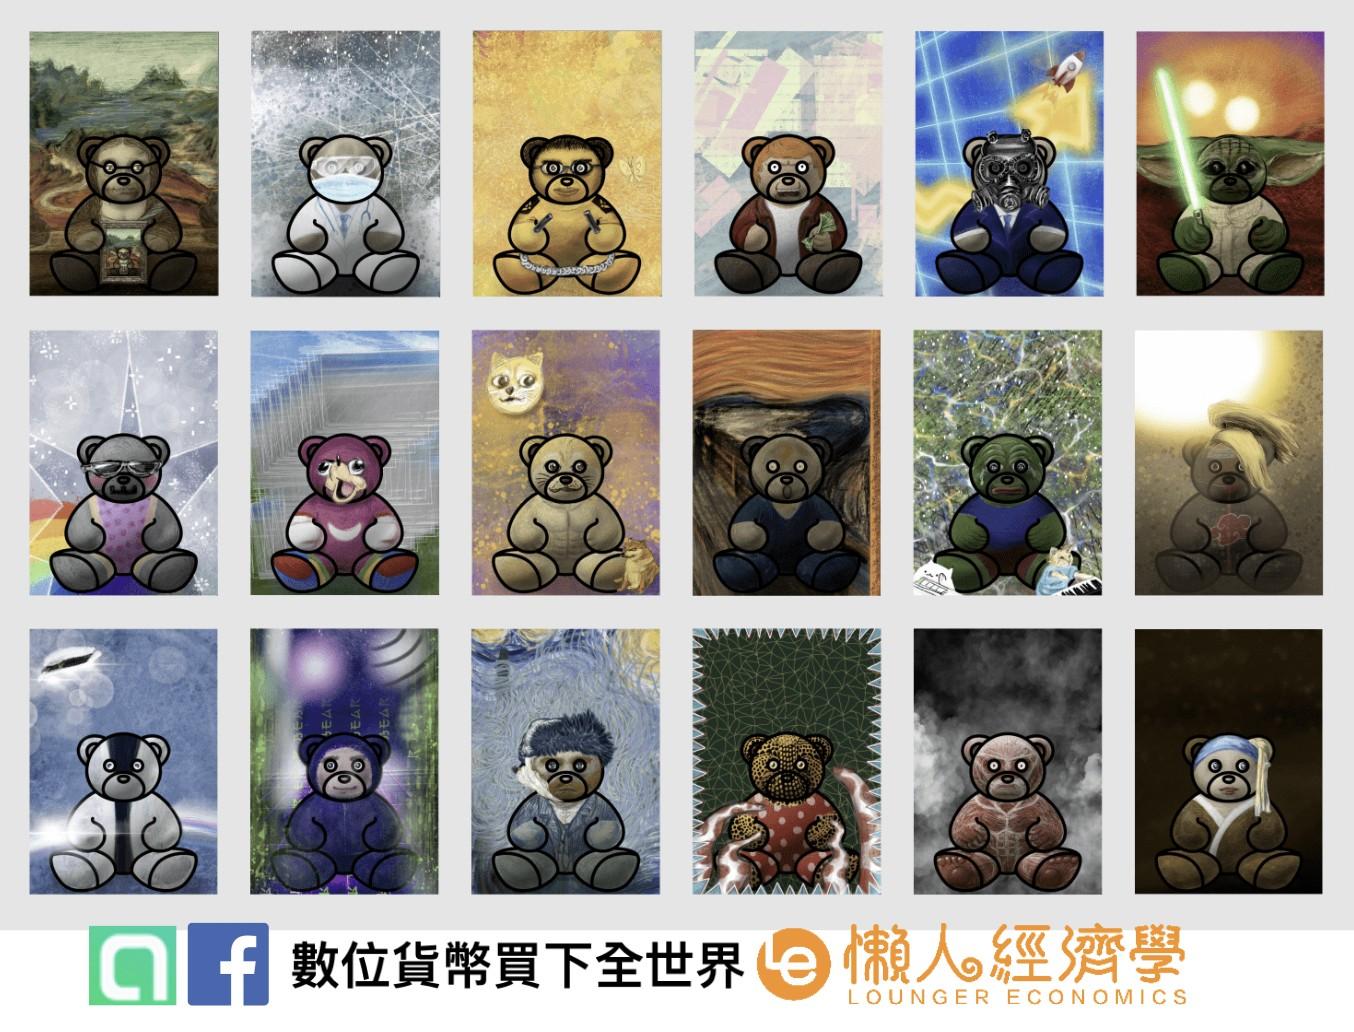 幣安推出的bear bearNFT小熊畫作